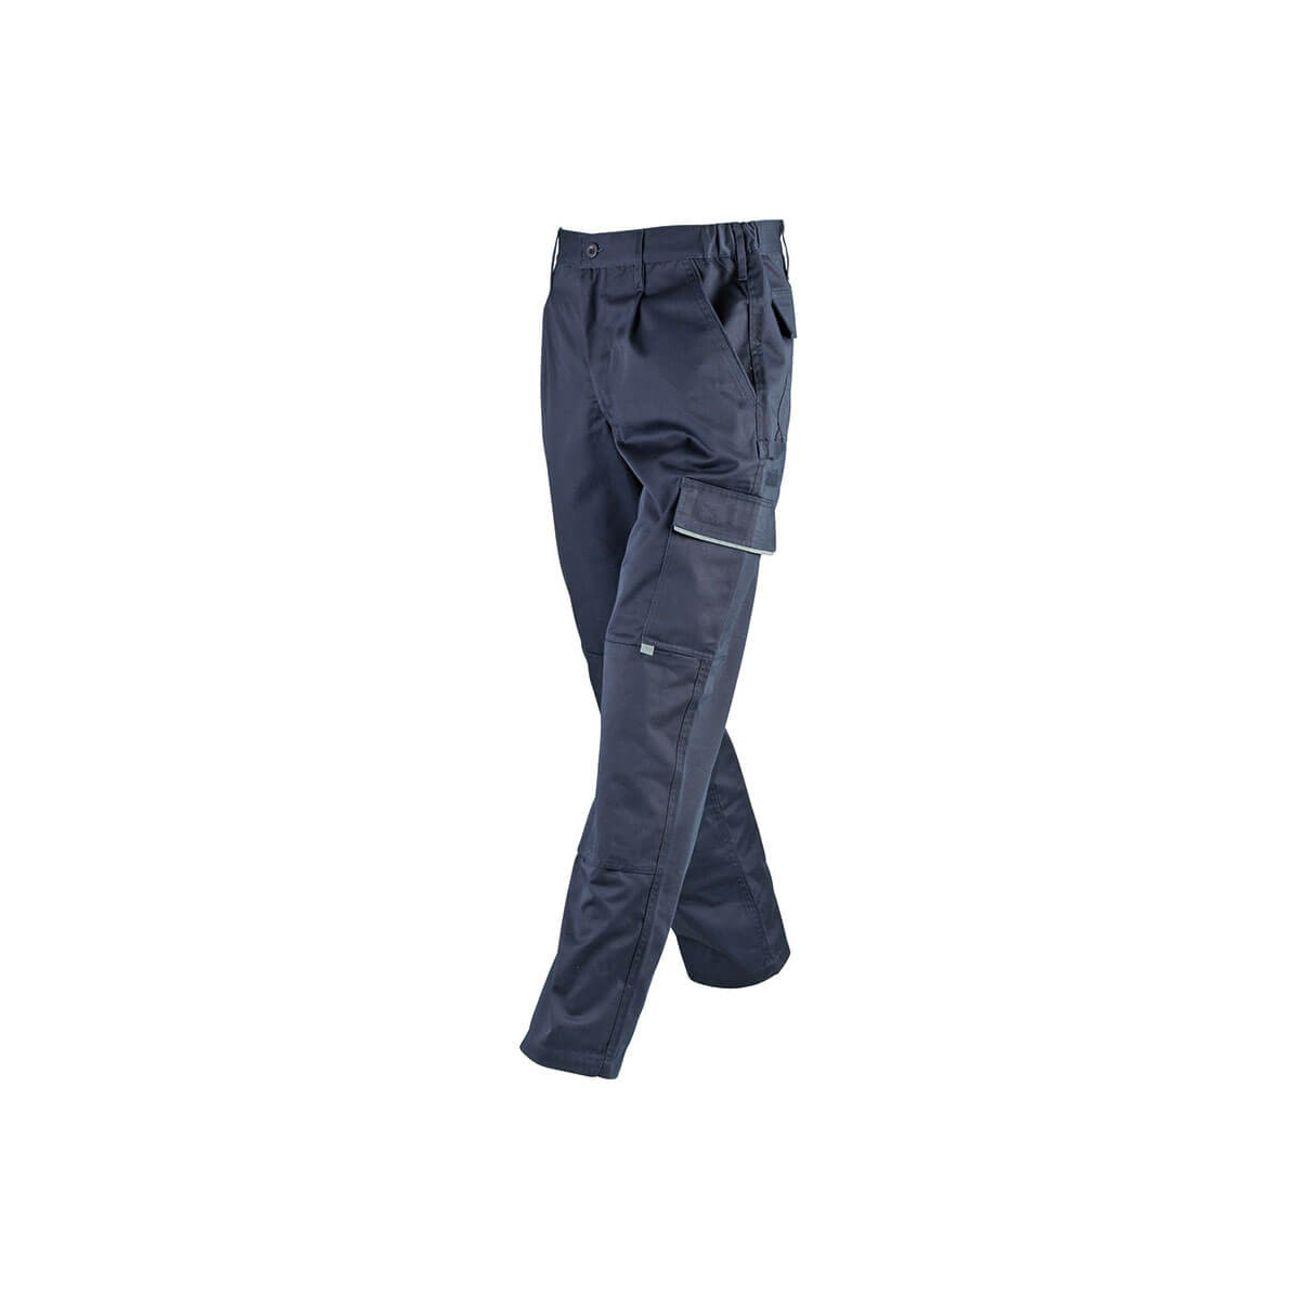 Randonnée pédestre homme MYRTLE BEACH • Pantalons de travail • Déperlants  et antitache (600 mm ... a1412d1db8c